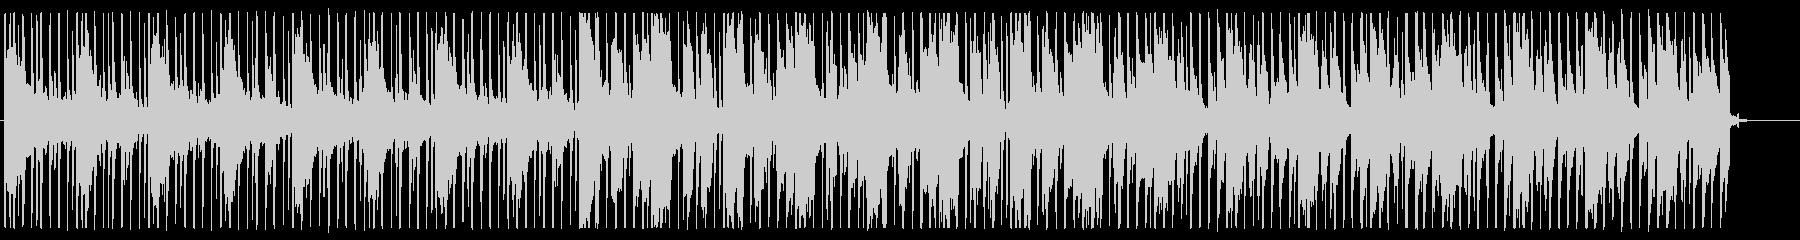 怪しげなヒップホップ_No585_2の未再生の波形